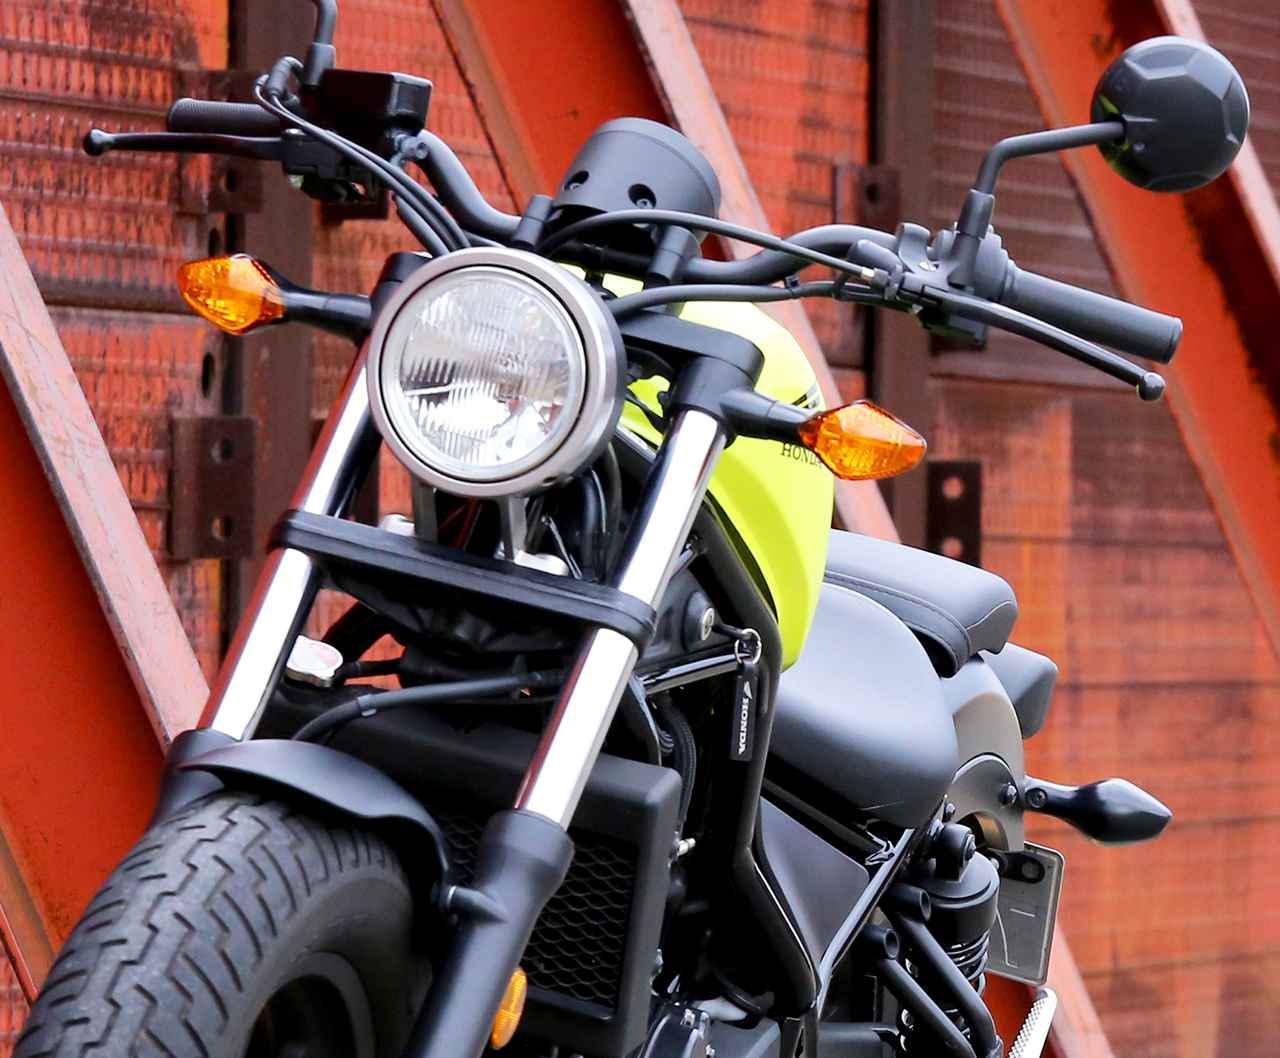 画像1: バイクを高く売るためのコツは?査定に出す前に知っておきたい買取攻略マニュアル! - webオートバイ